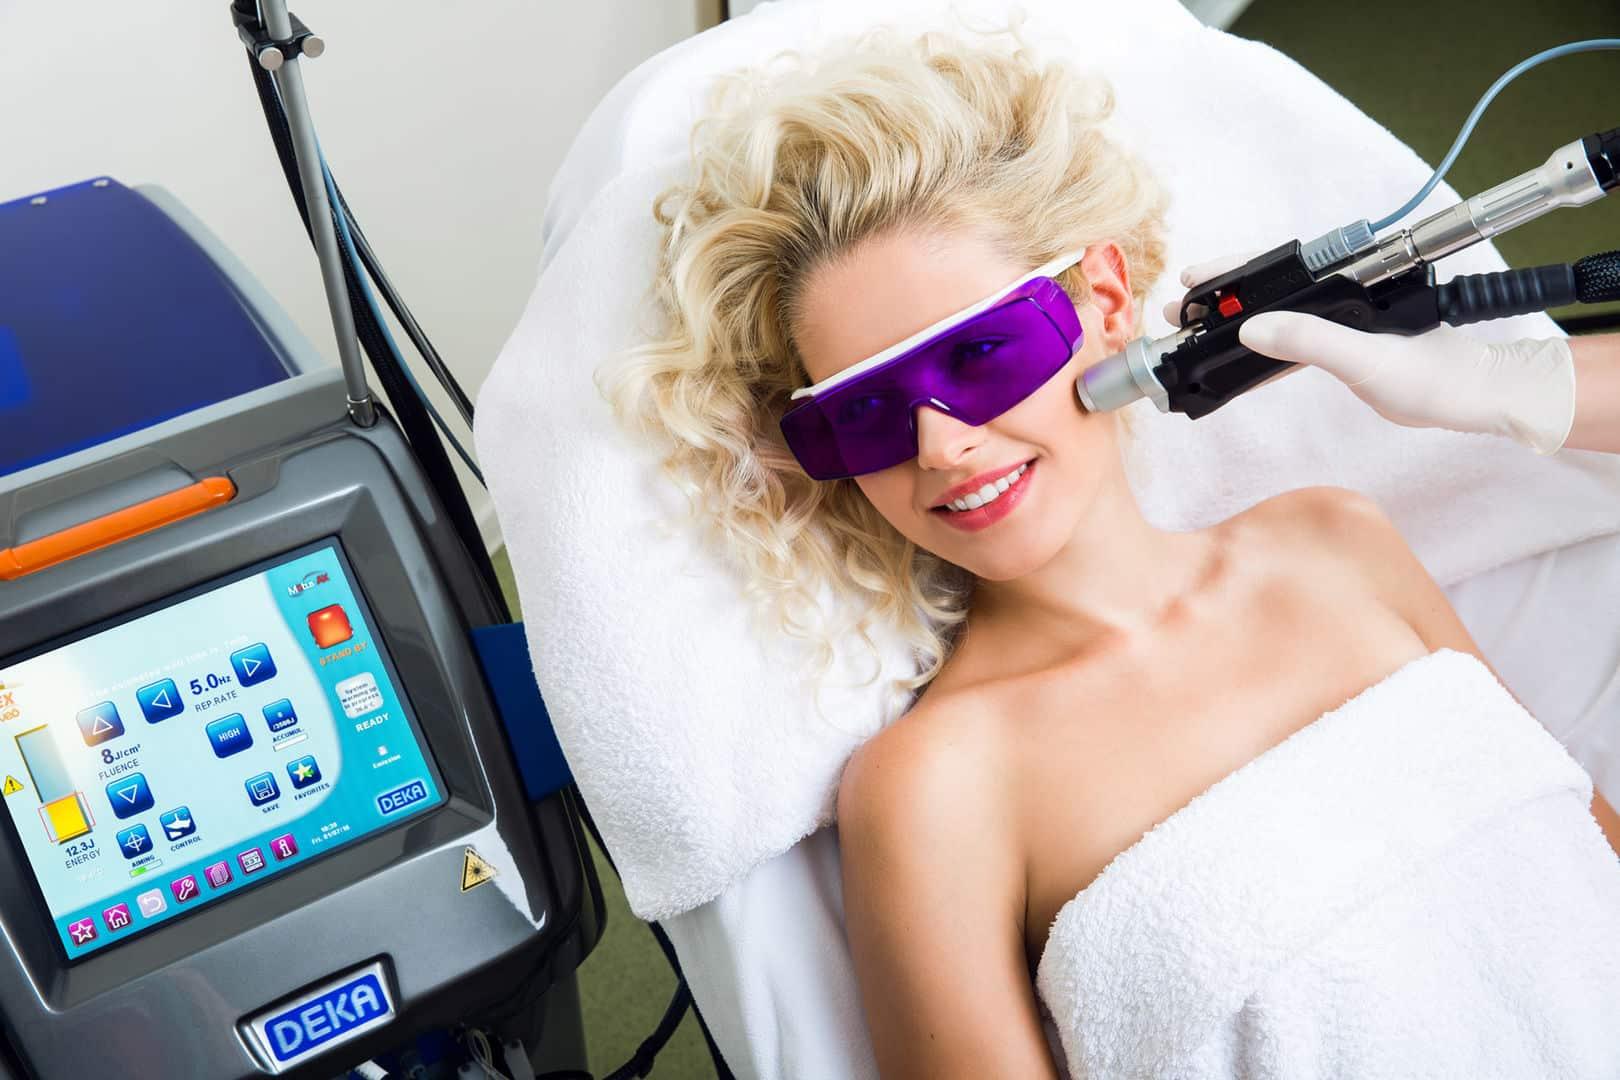 Лазерная терапия может спровоцировать онкологию